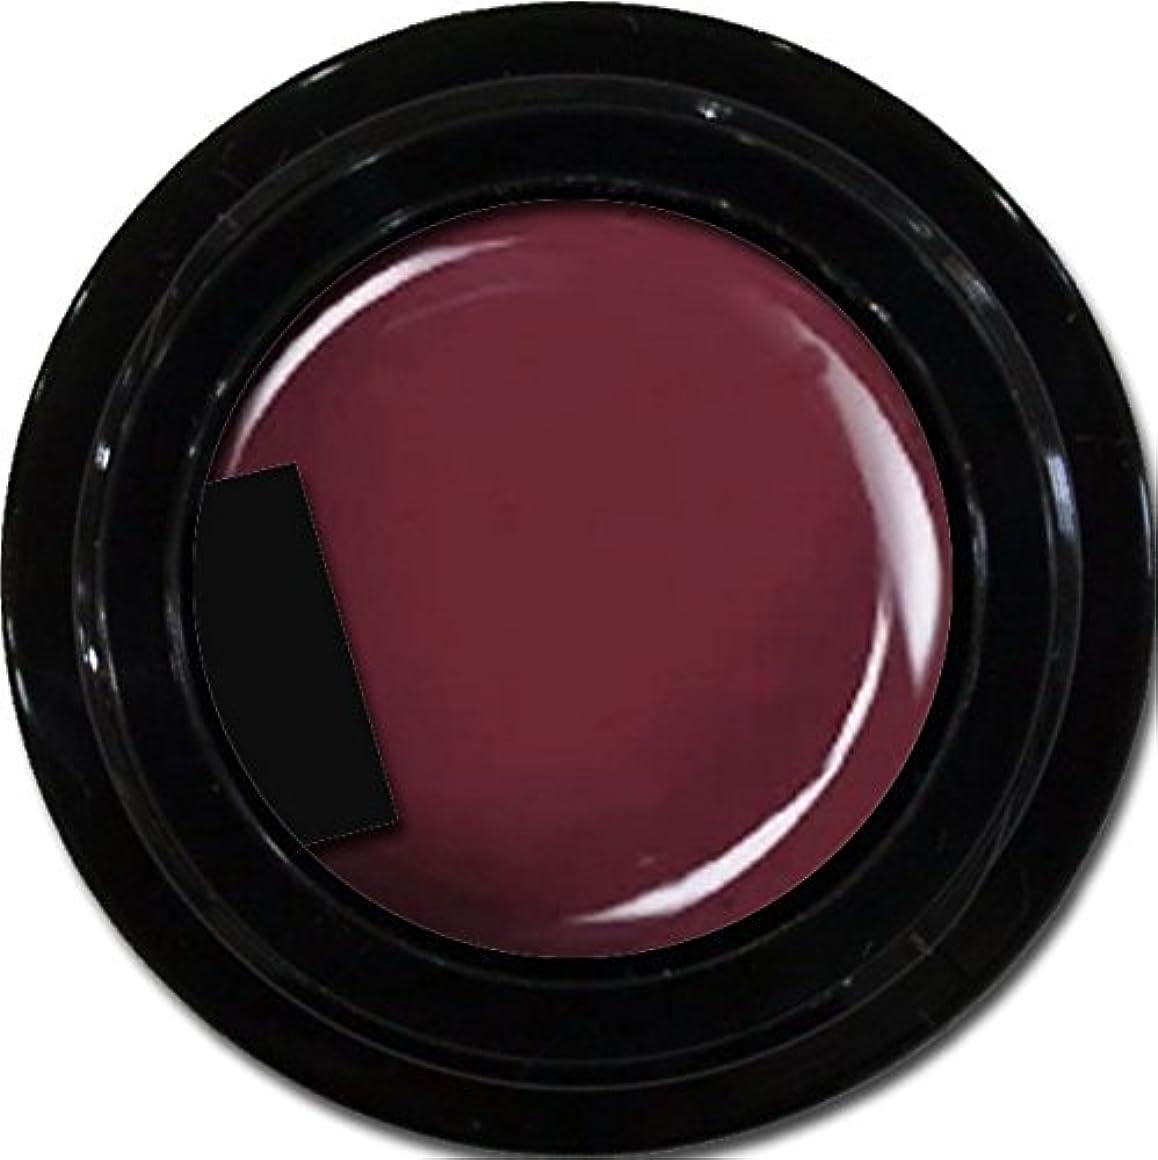 カラージェル enchant color gel M409 ChocoGanache 3g/ マットカラージェル M409 チョコガナッシュ 3グラム